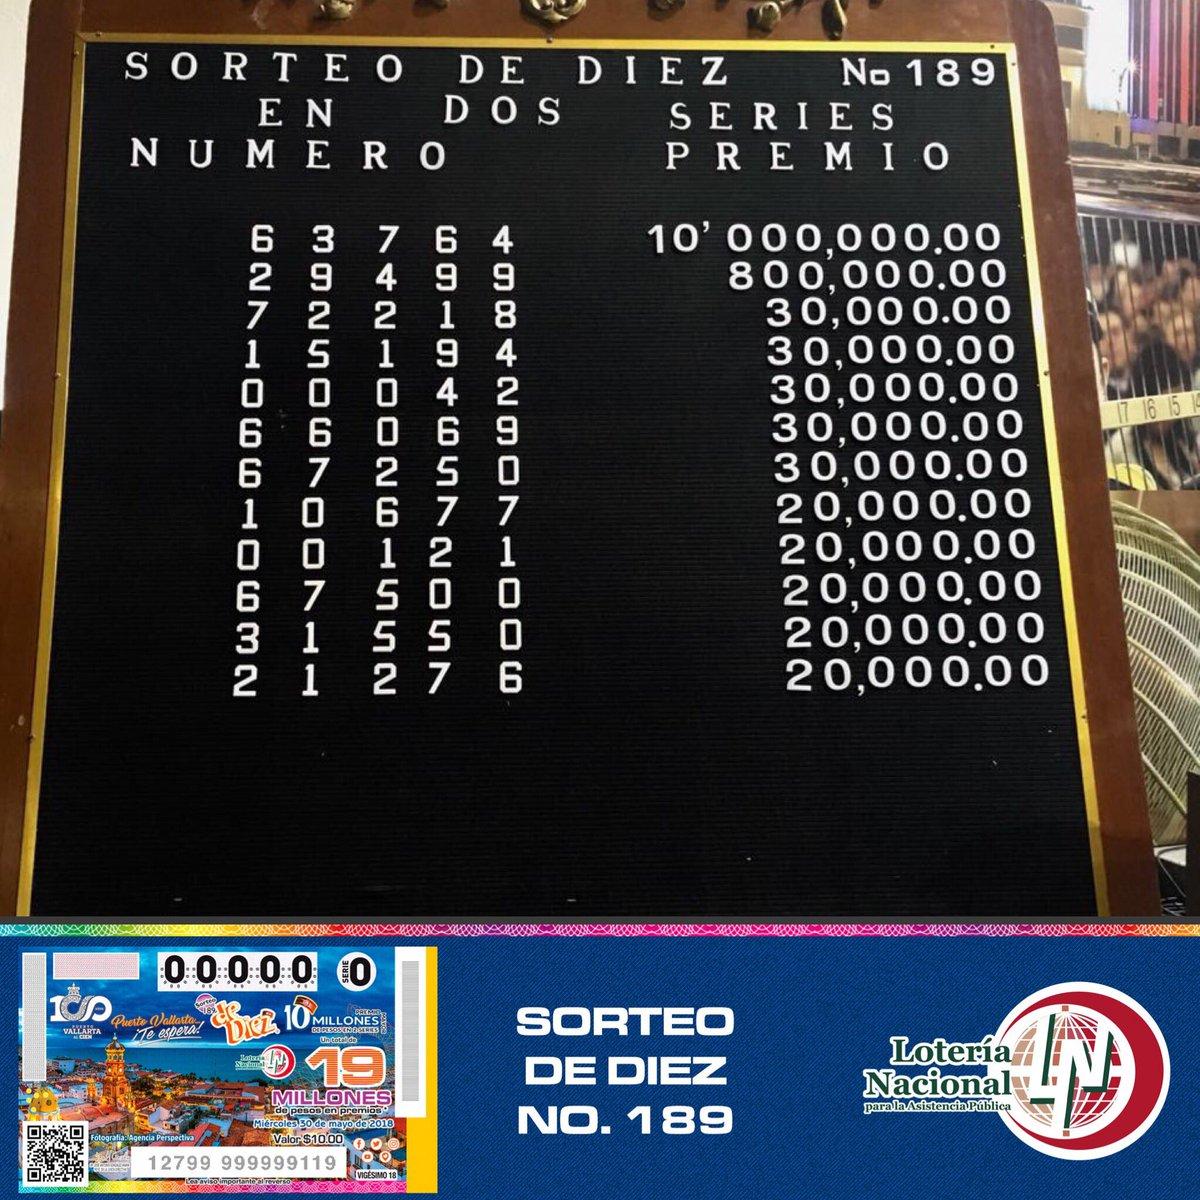 Resultados sorteo de diez 189